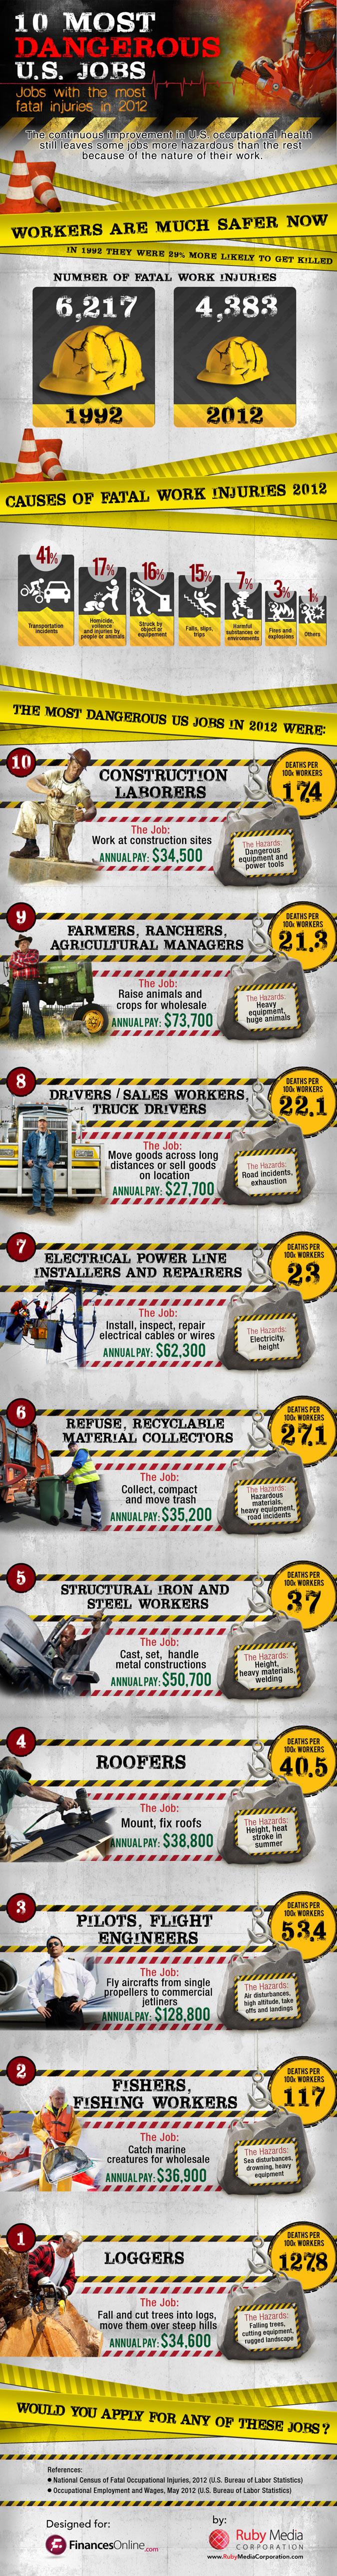 10 dangerous jobs